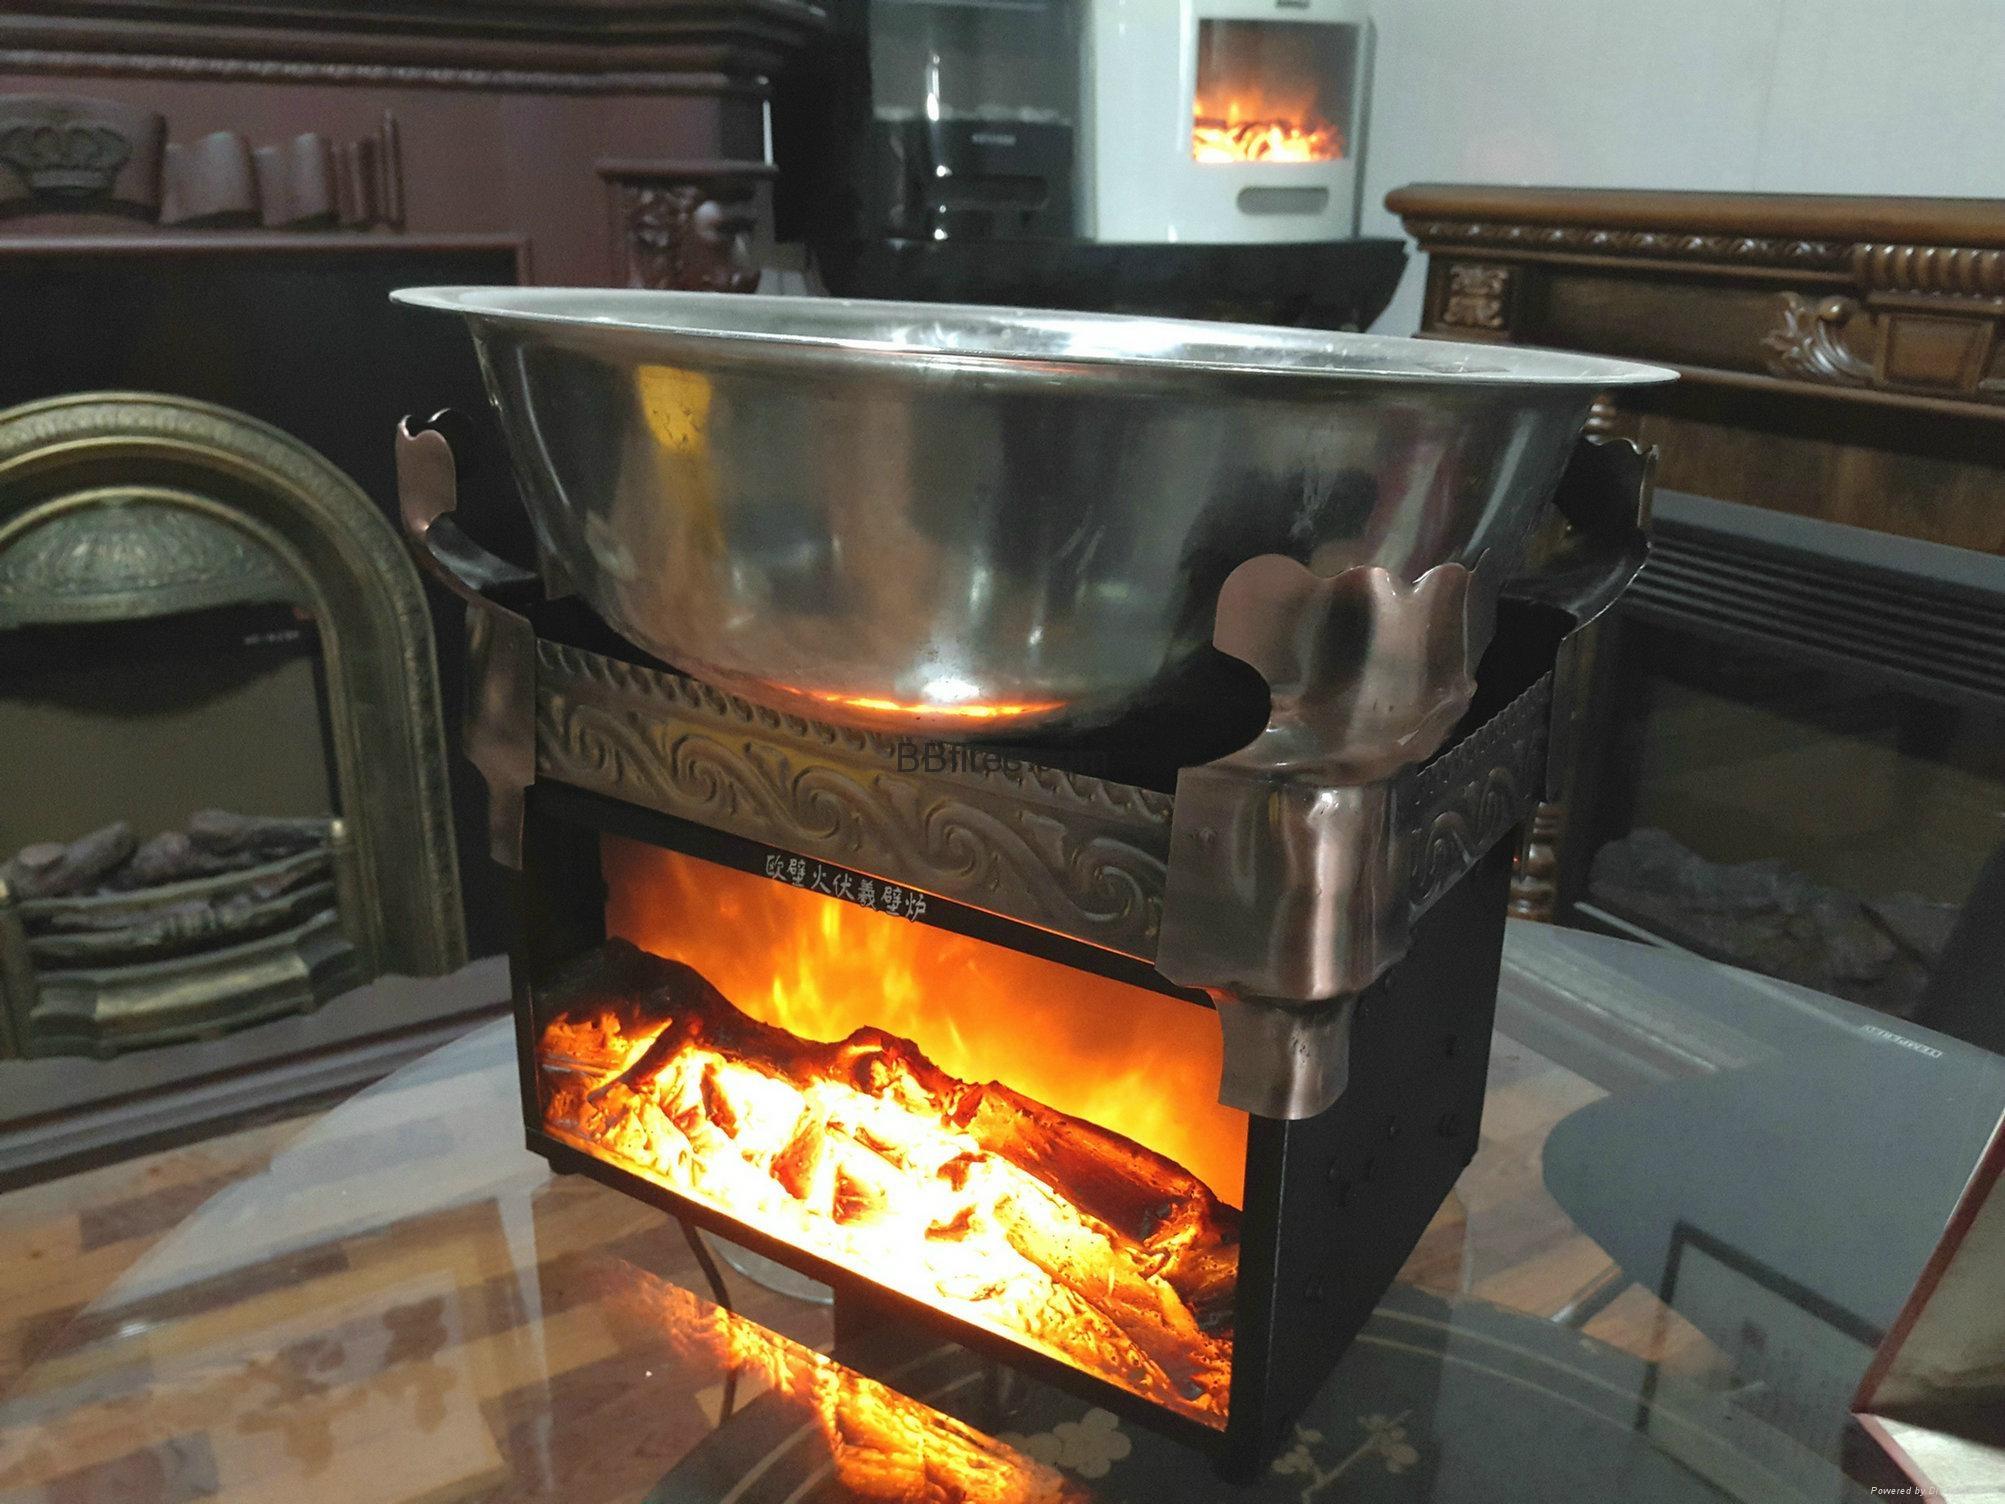 BB 特别及水晶石电子壁炉 19